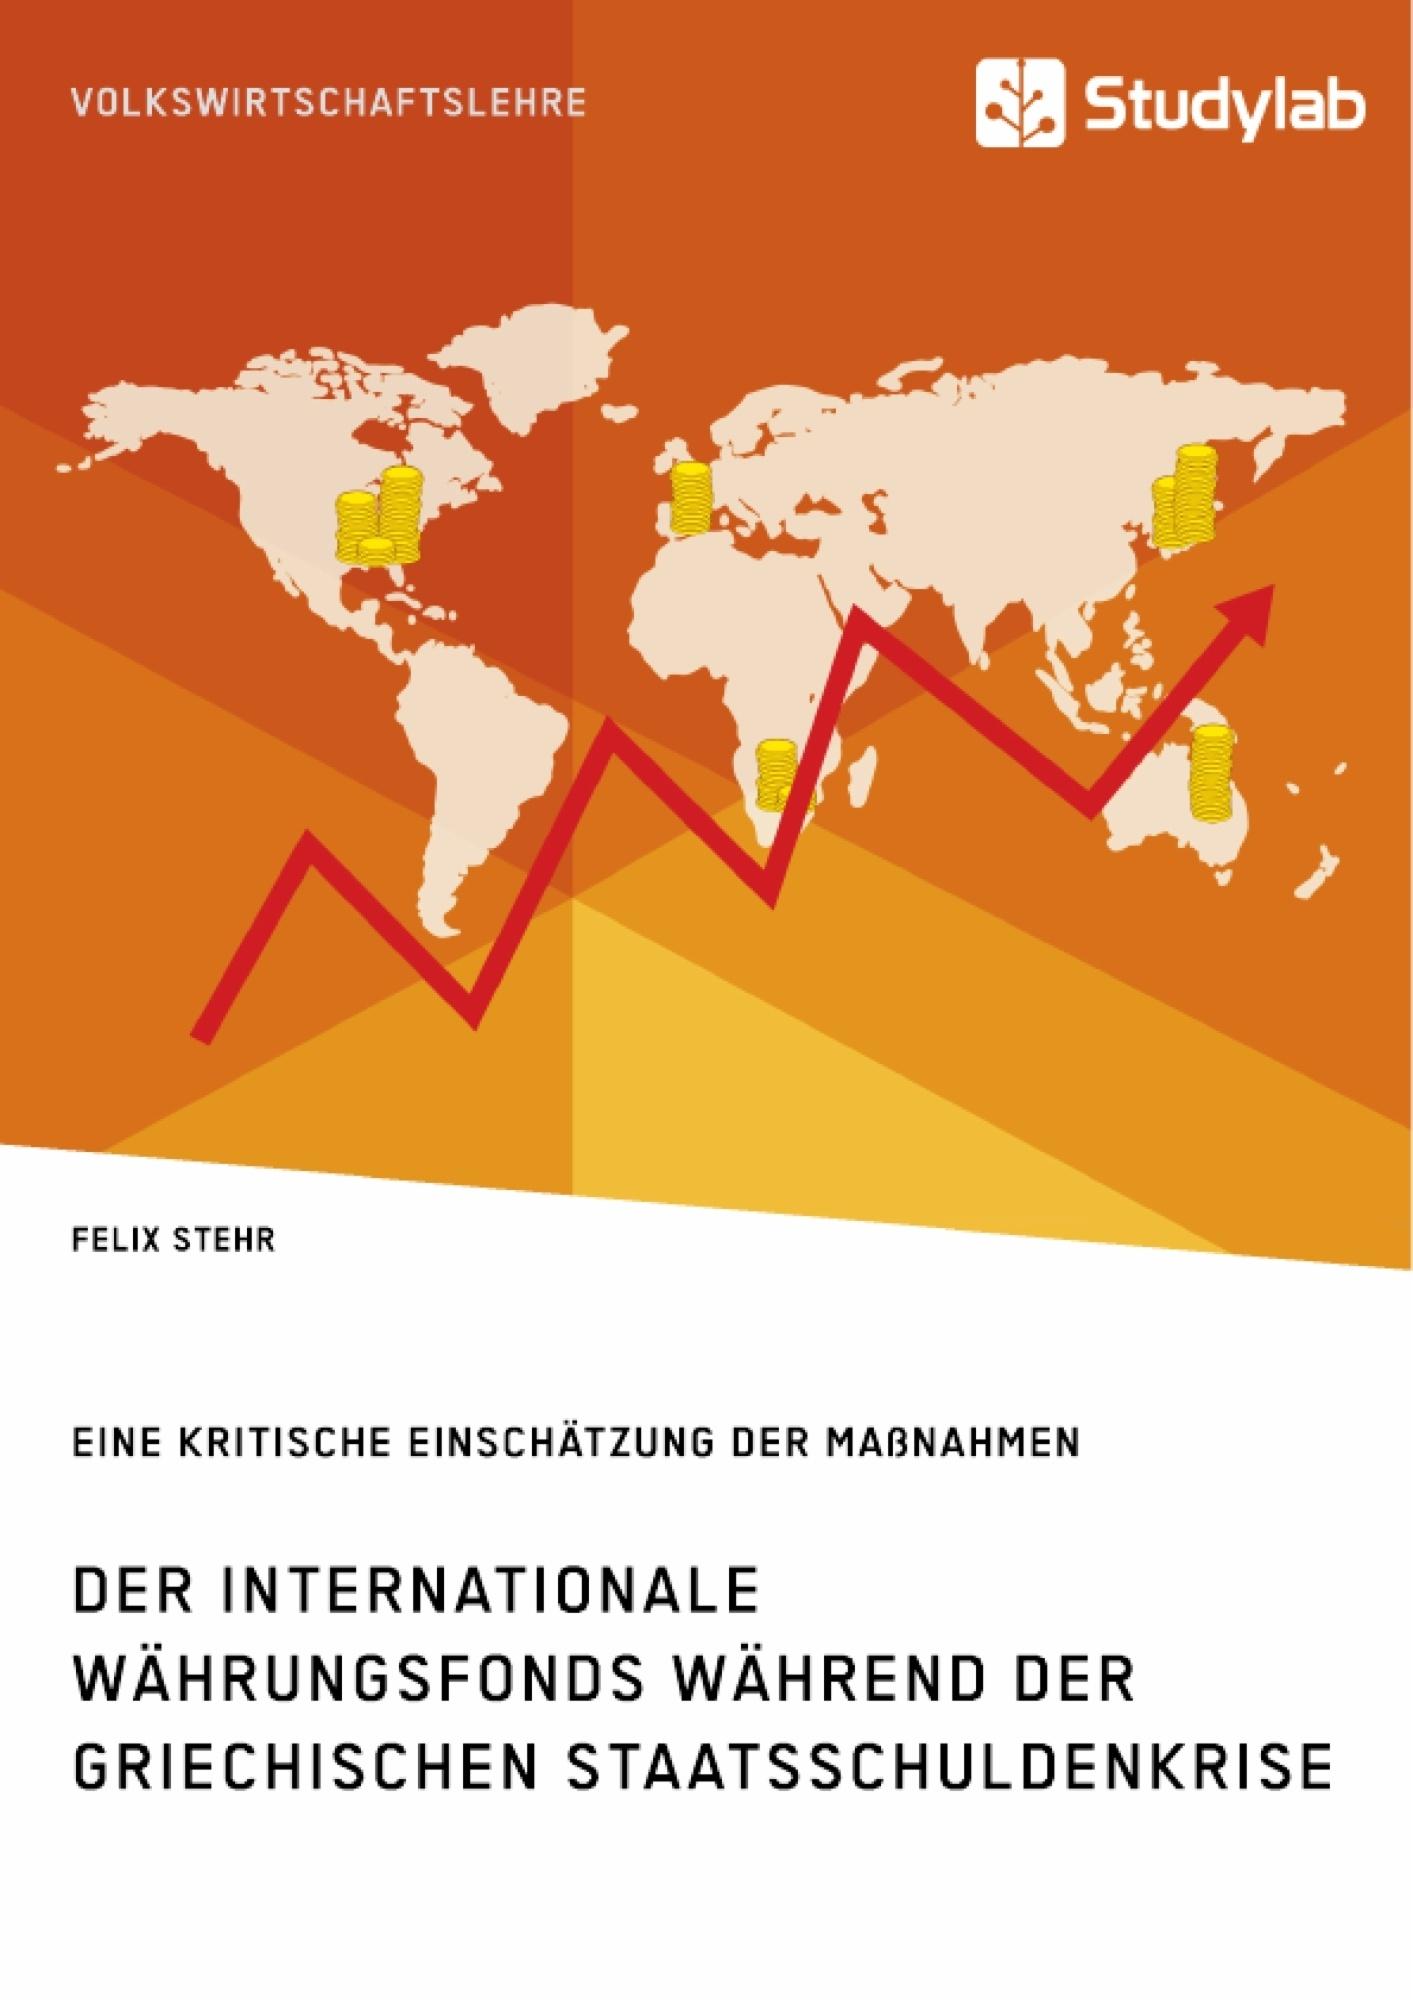 Titel: Der Internationale Währungsfonds während der griechischen Staatsschuldenkrise. Eine kritische Einschätzung der Maßnahmen